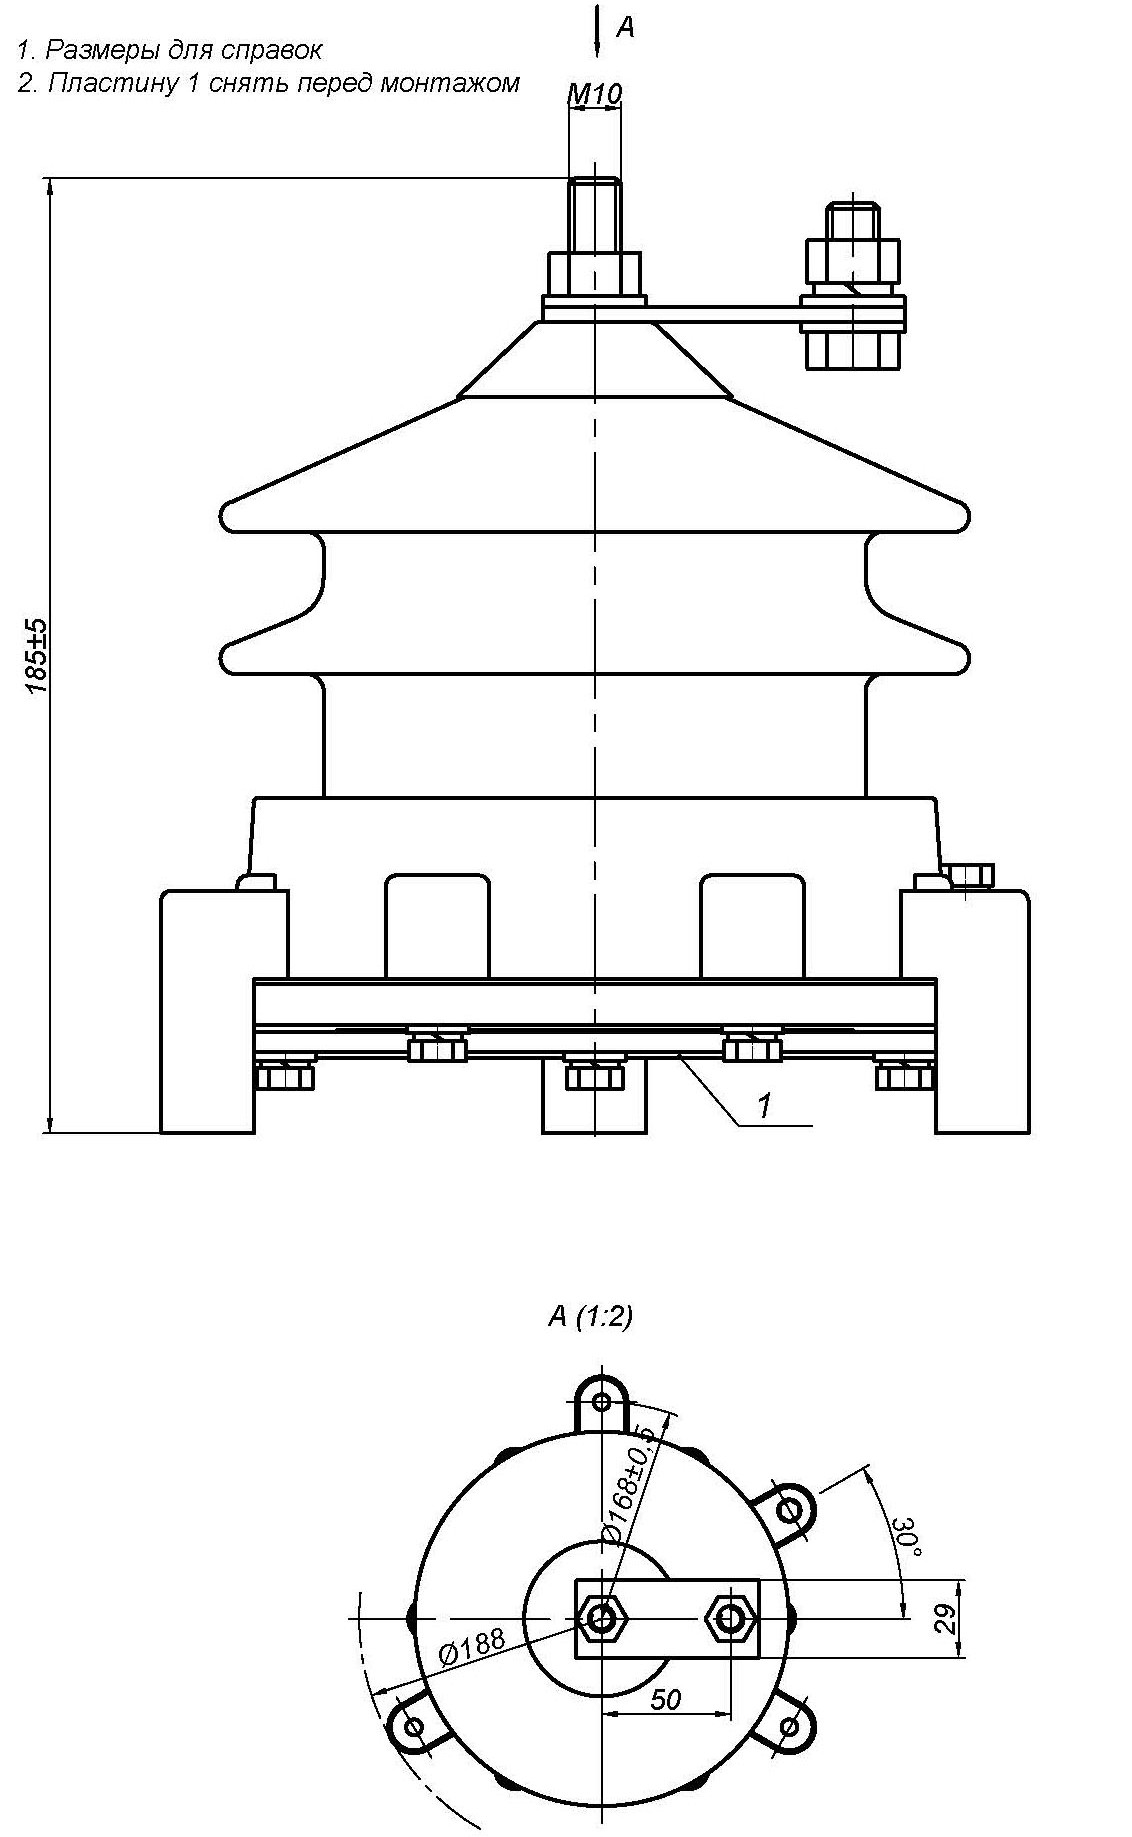 Схема прибора мэкг дп нс 01